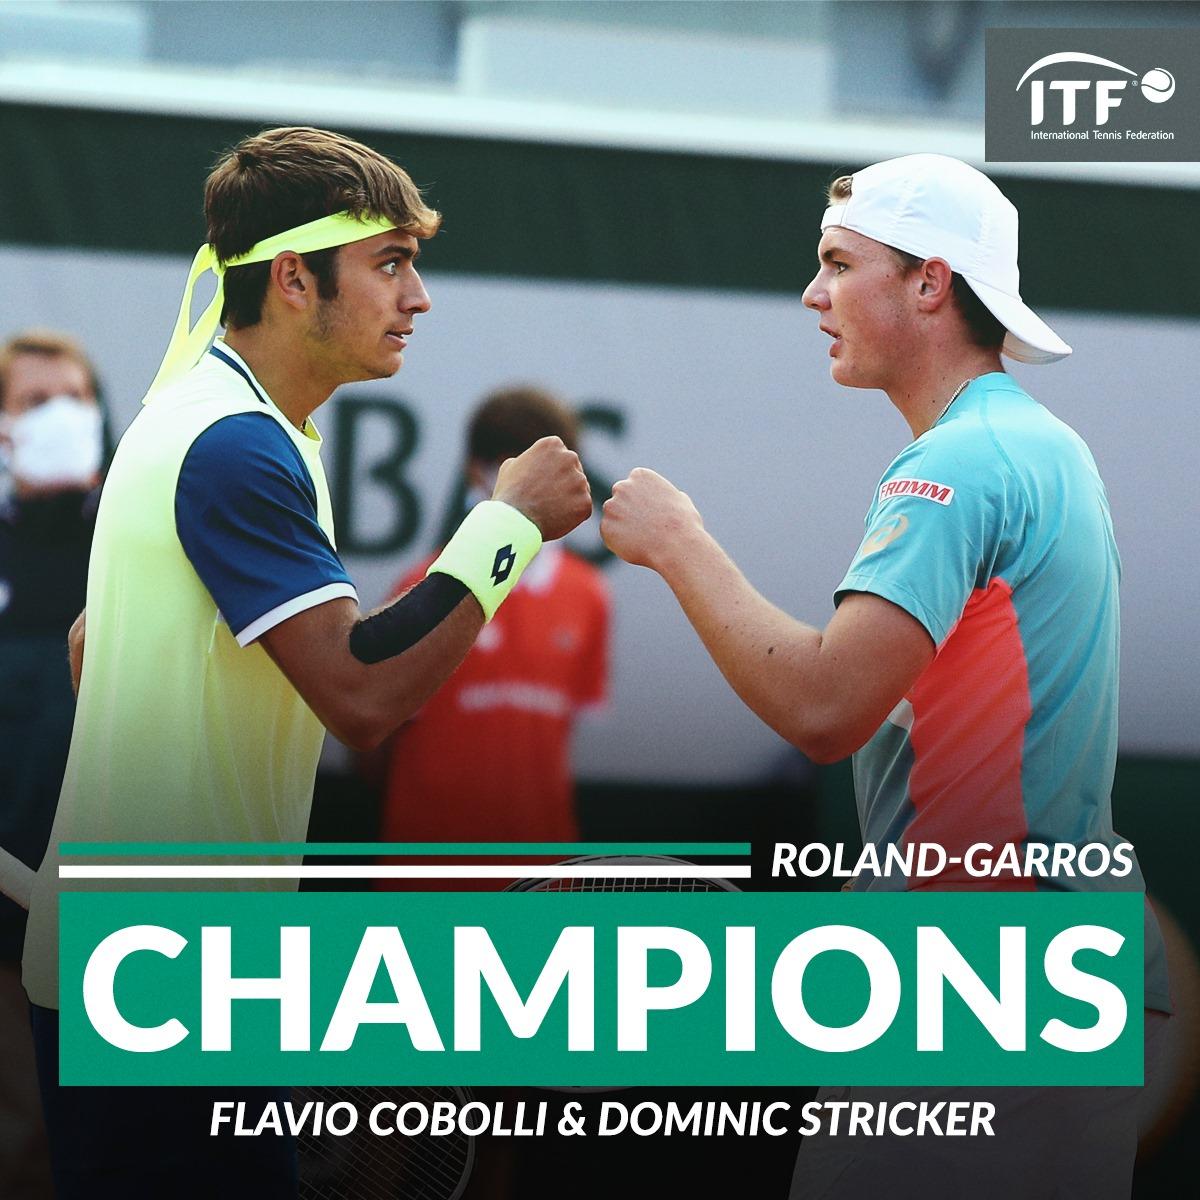 Champions im Doppel mit F. Cobolli